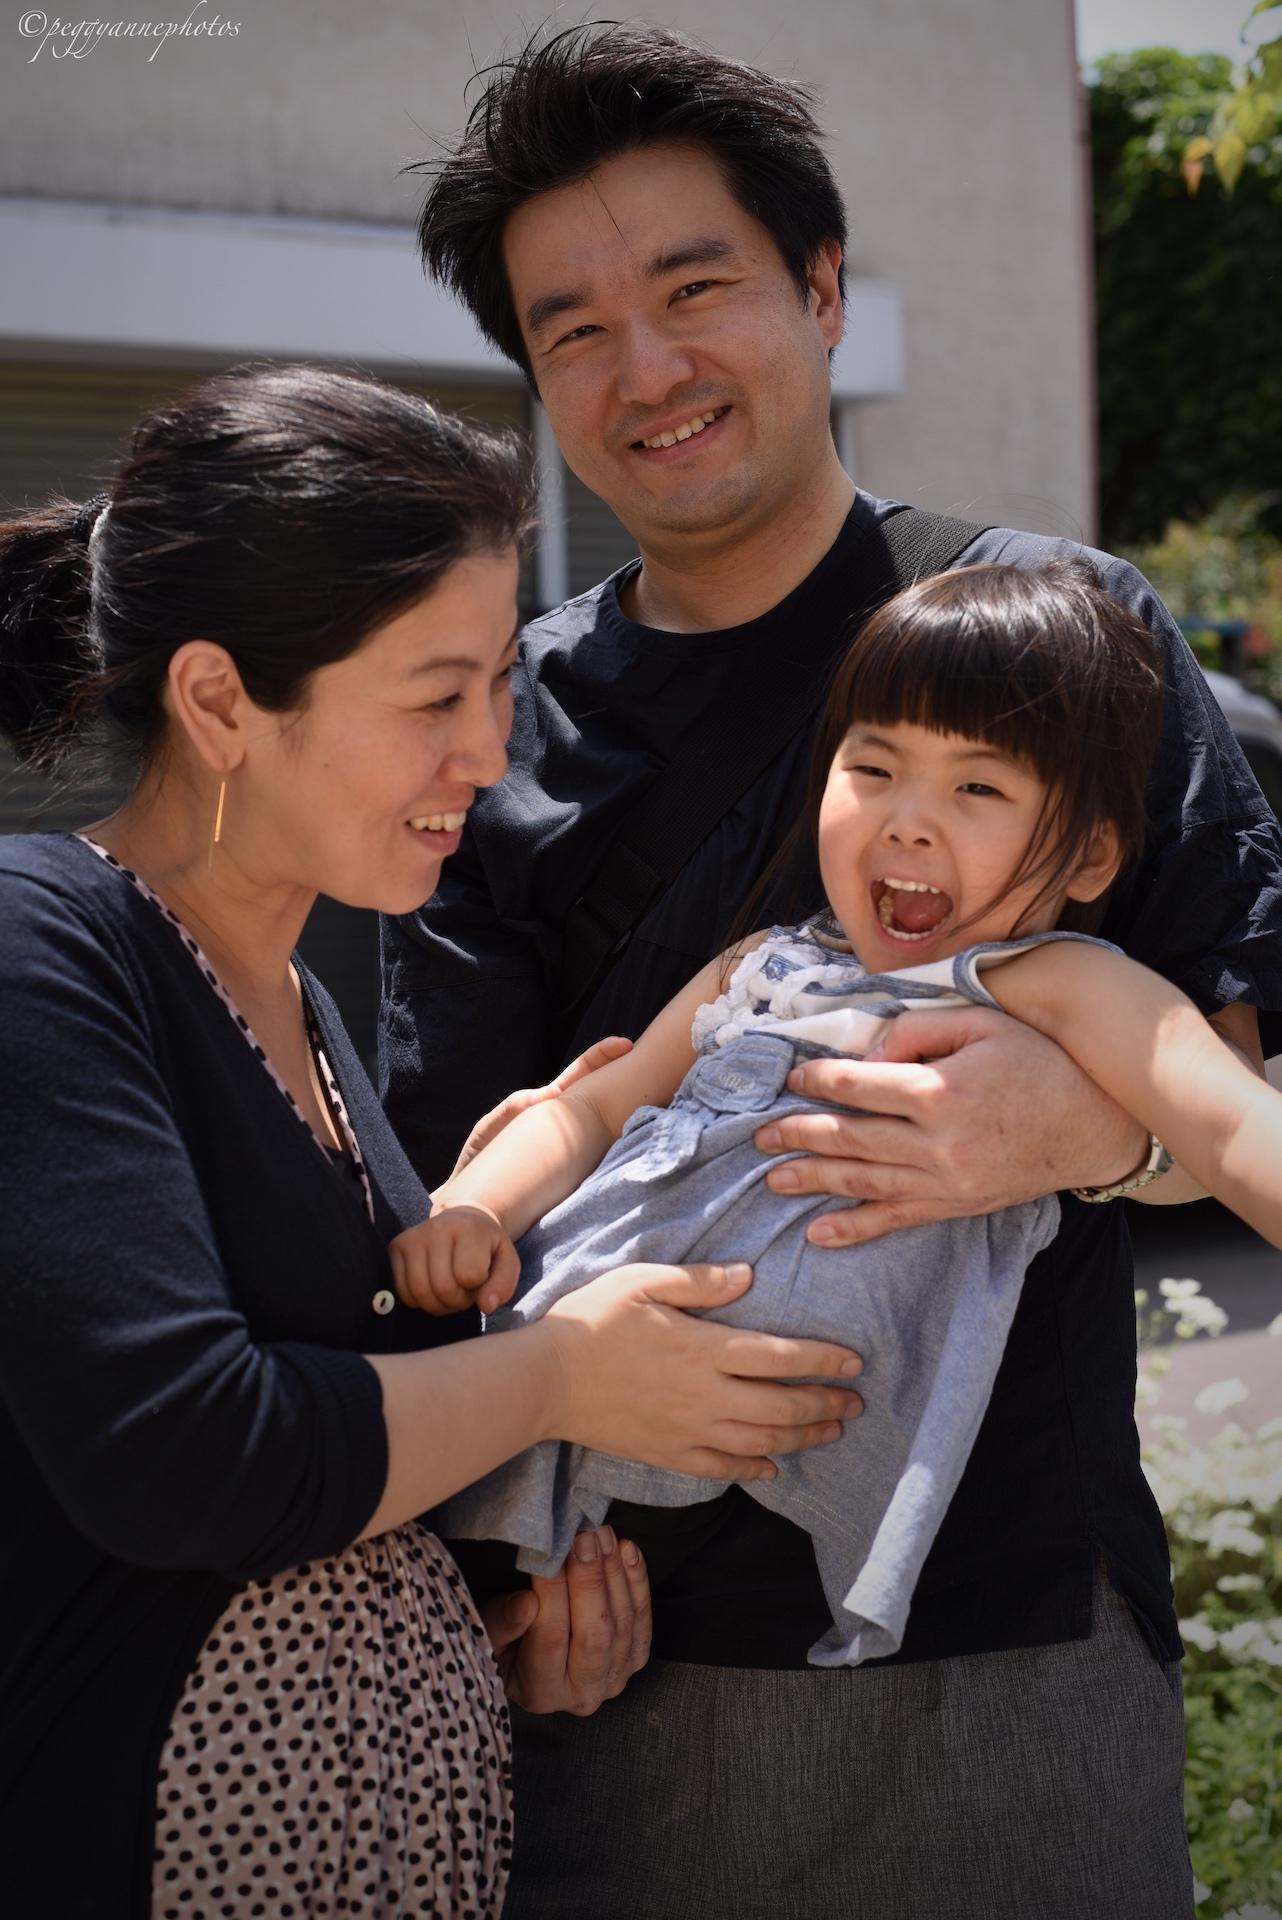 2019_05_19 Ayako's Family PCWsmall 15.JPG